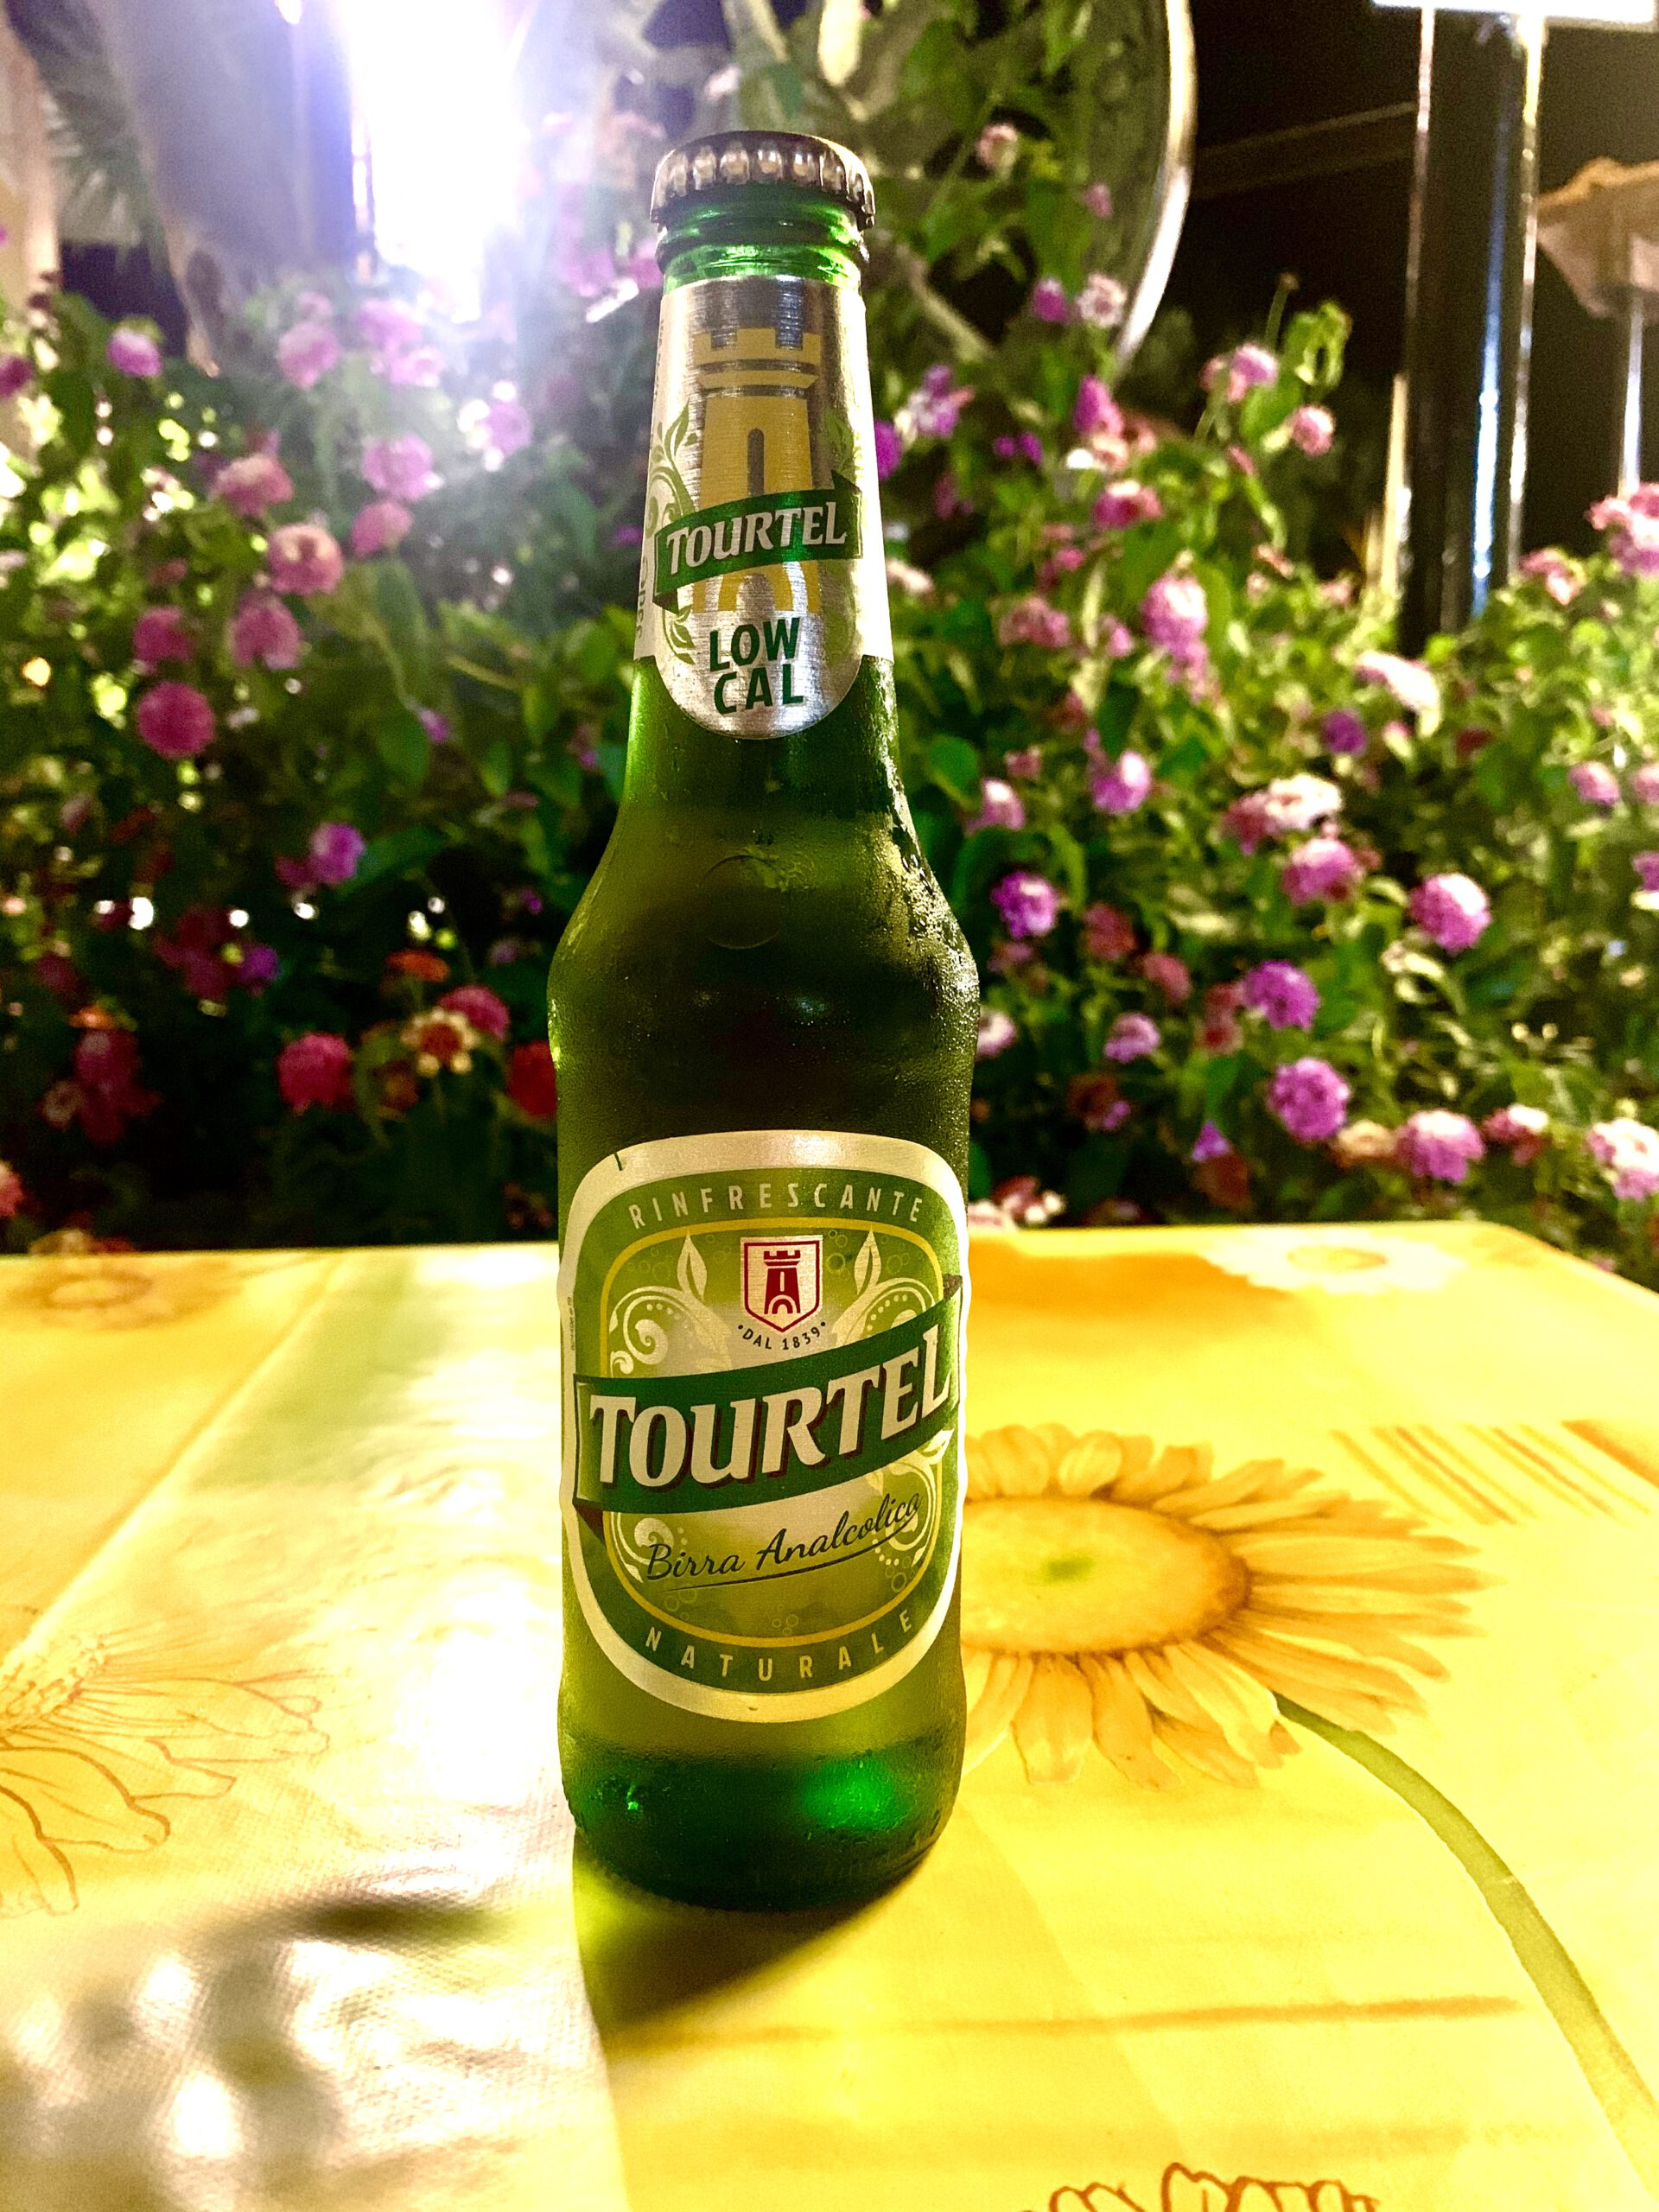 Tourtel - Birra Analcolica